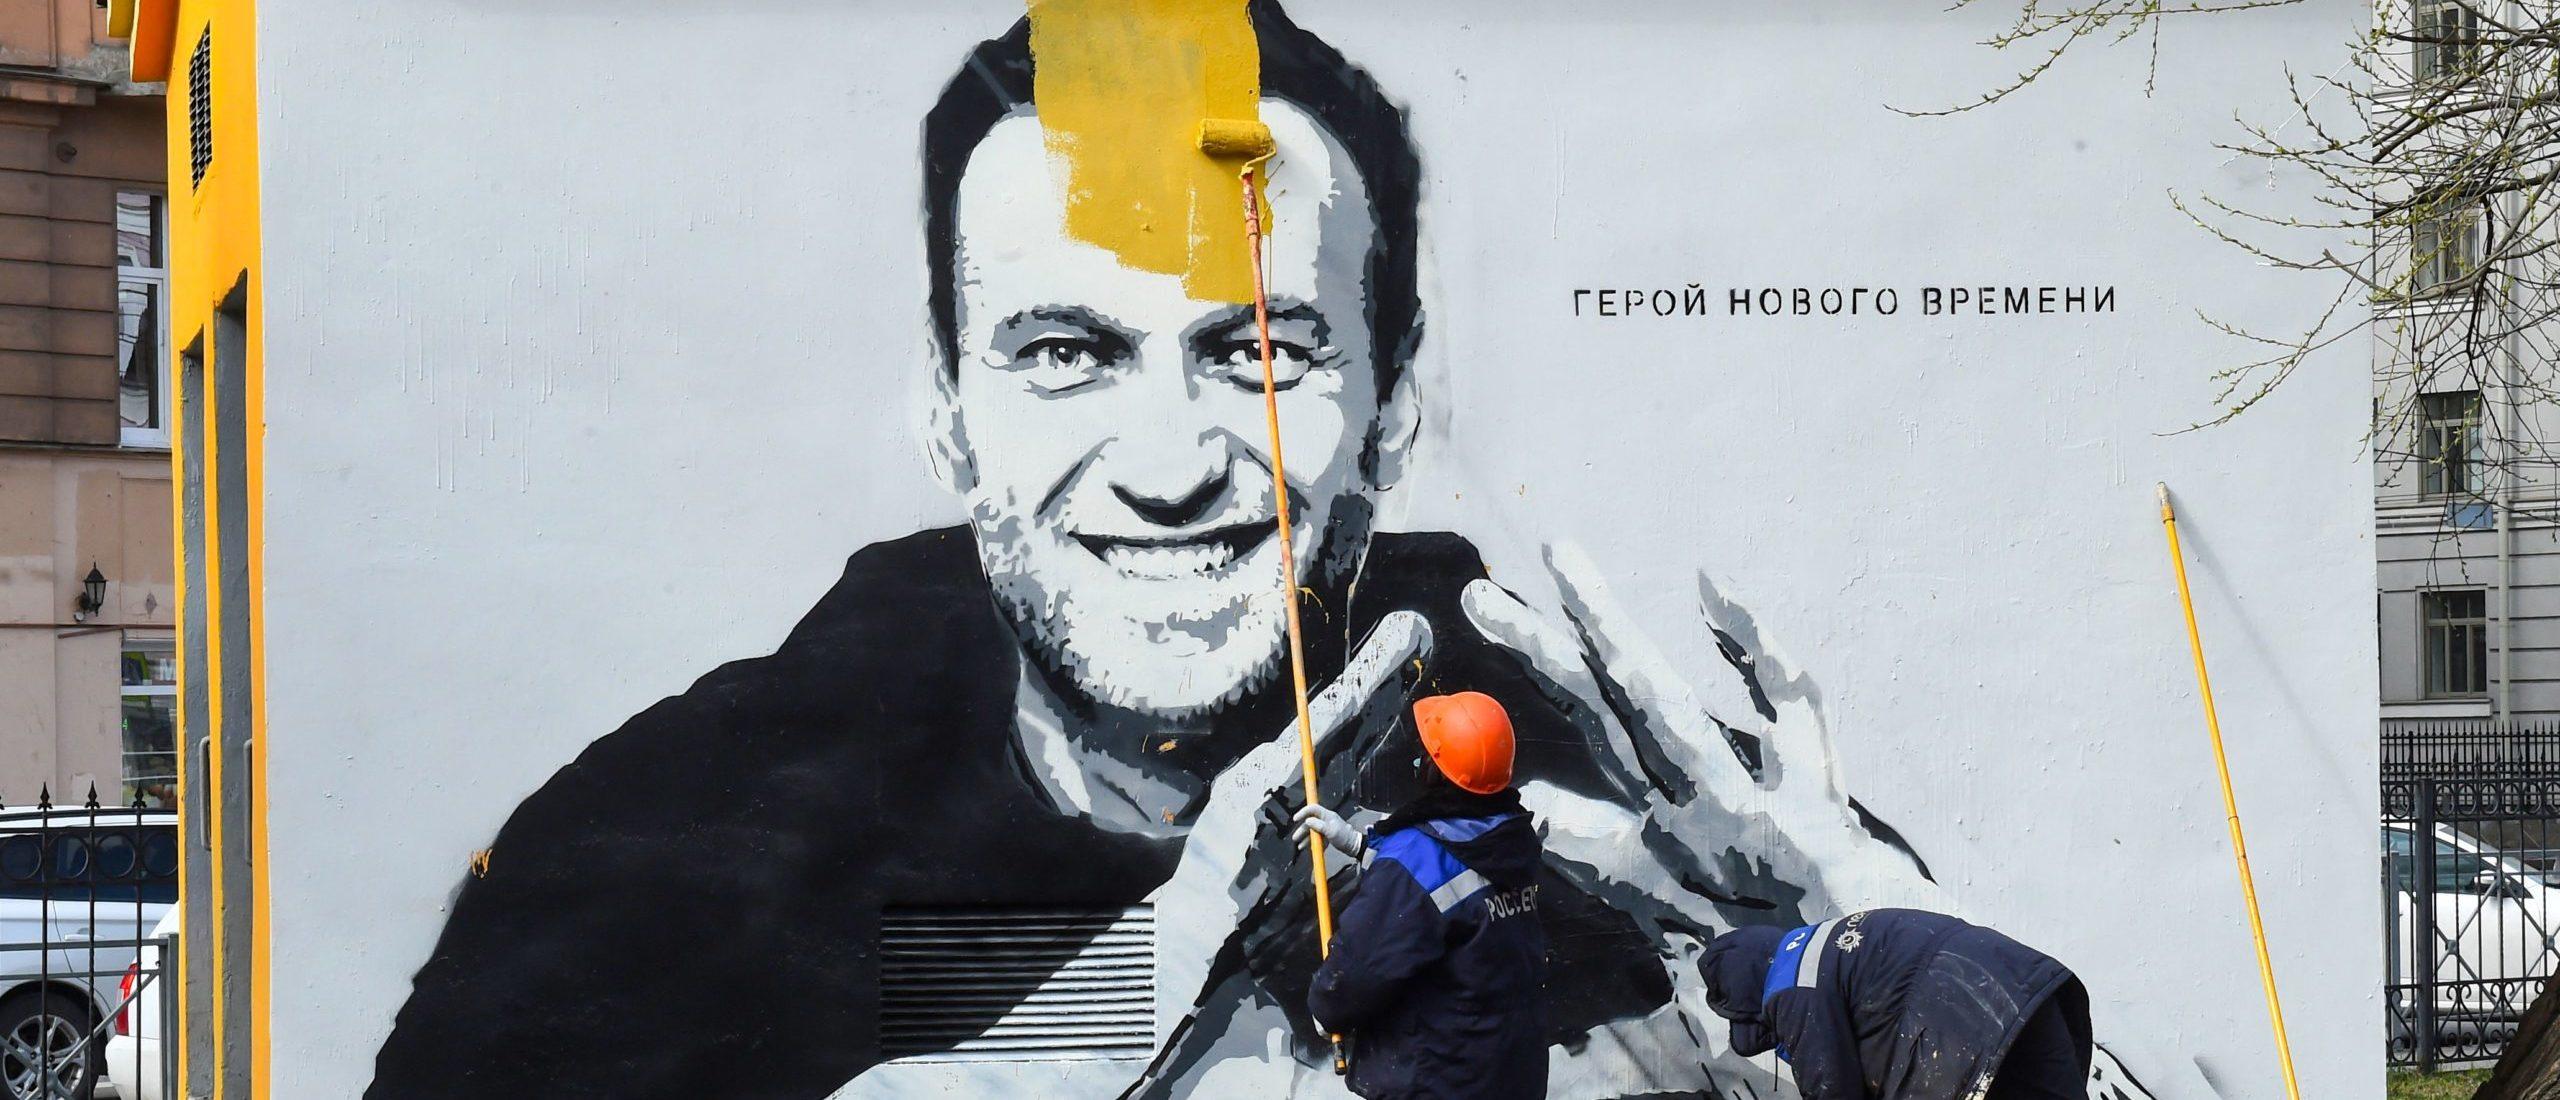 Mural of Alexei Navalny in Saint Petersburg, Russia.(Photo by OLGA MALTSEVA/AFP via Getty Images)